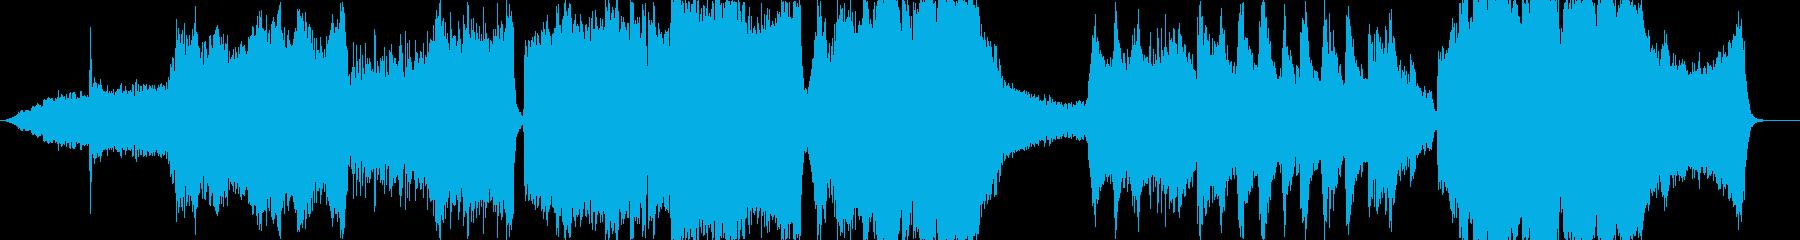 スリリングなサスペンス系の再生済みの波形